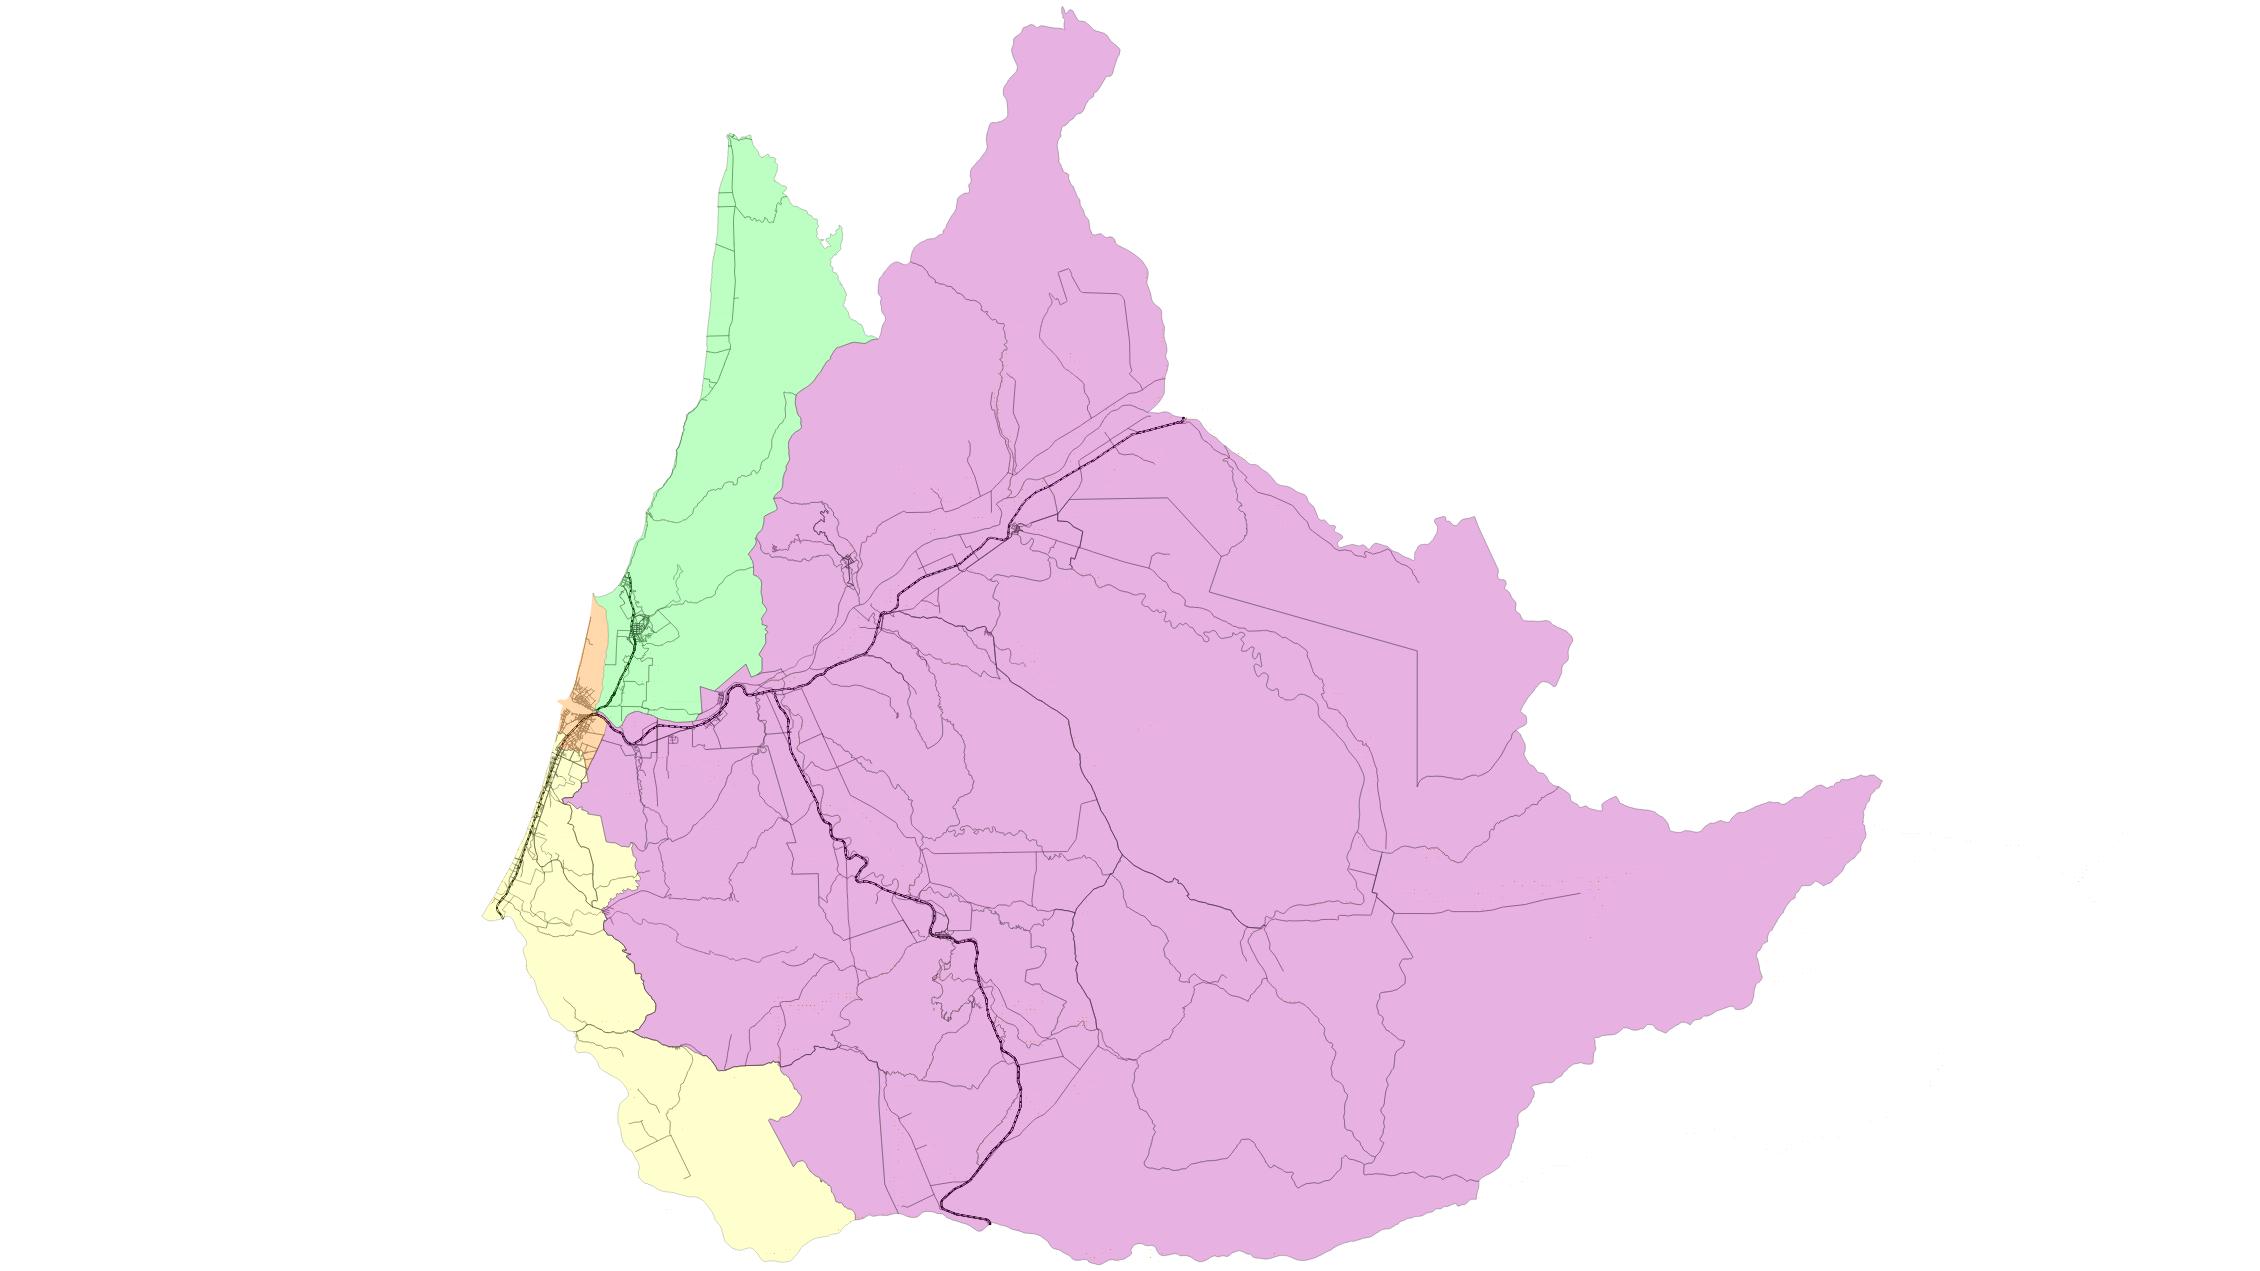 Proposed Ward Boundaries